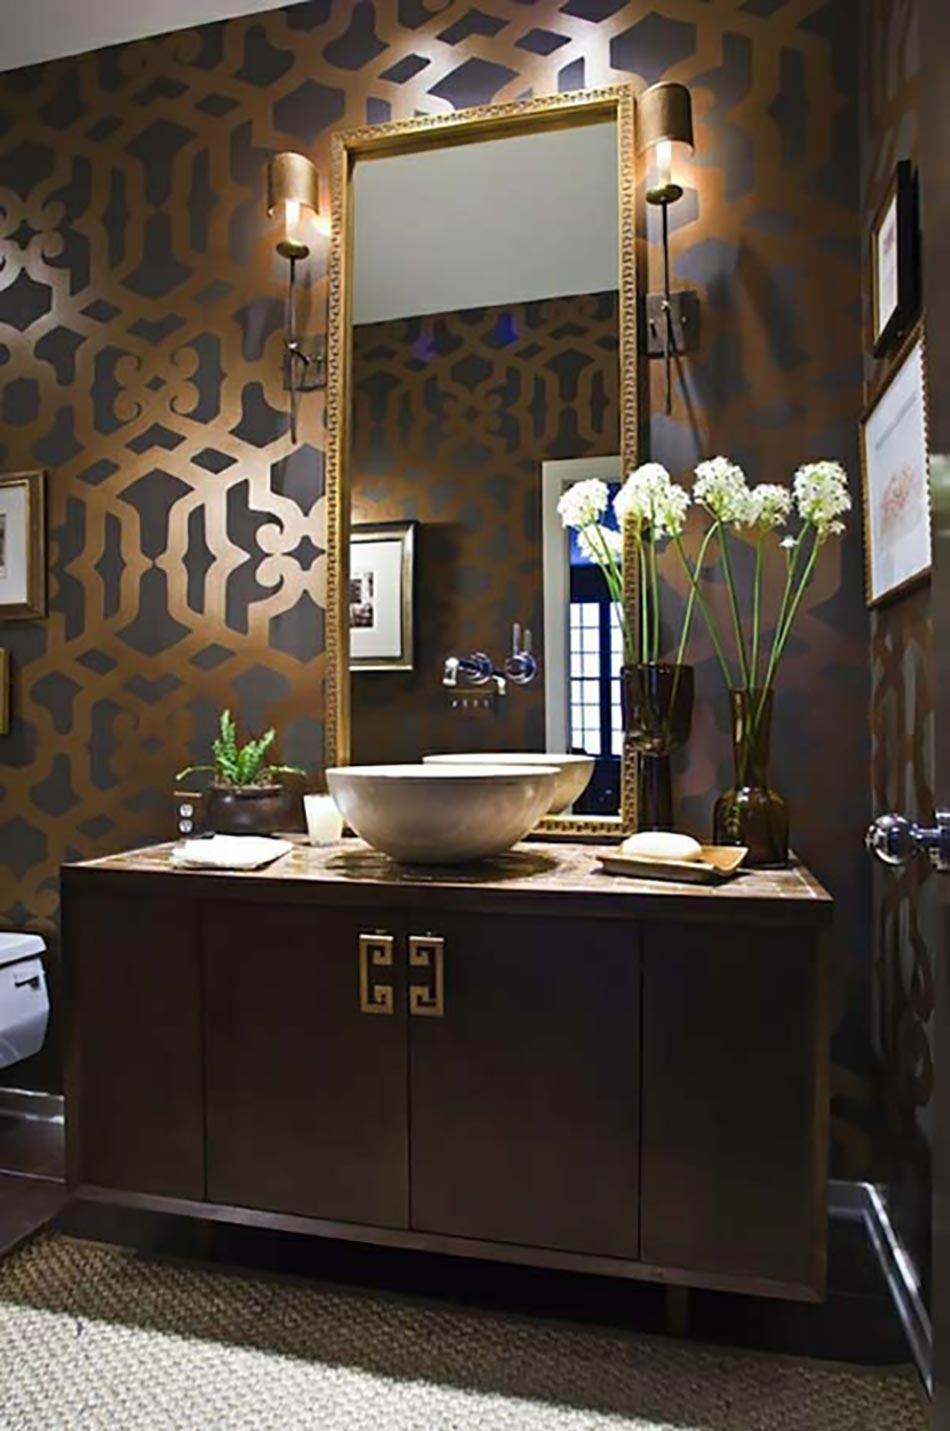 une dcoration de salle de bain moderne dore - Salle De Bain Moderne De Luxe